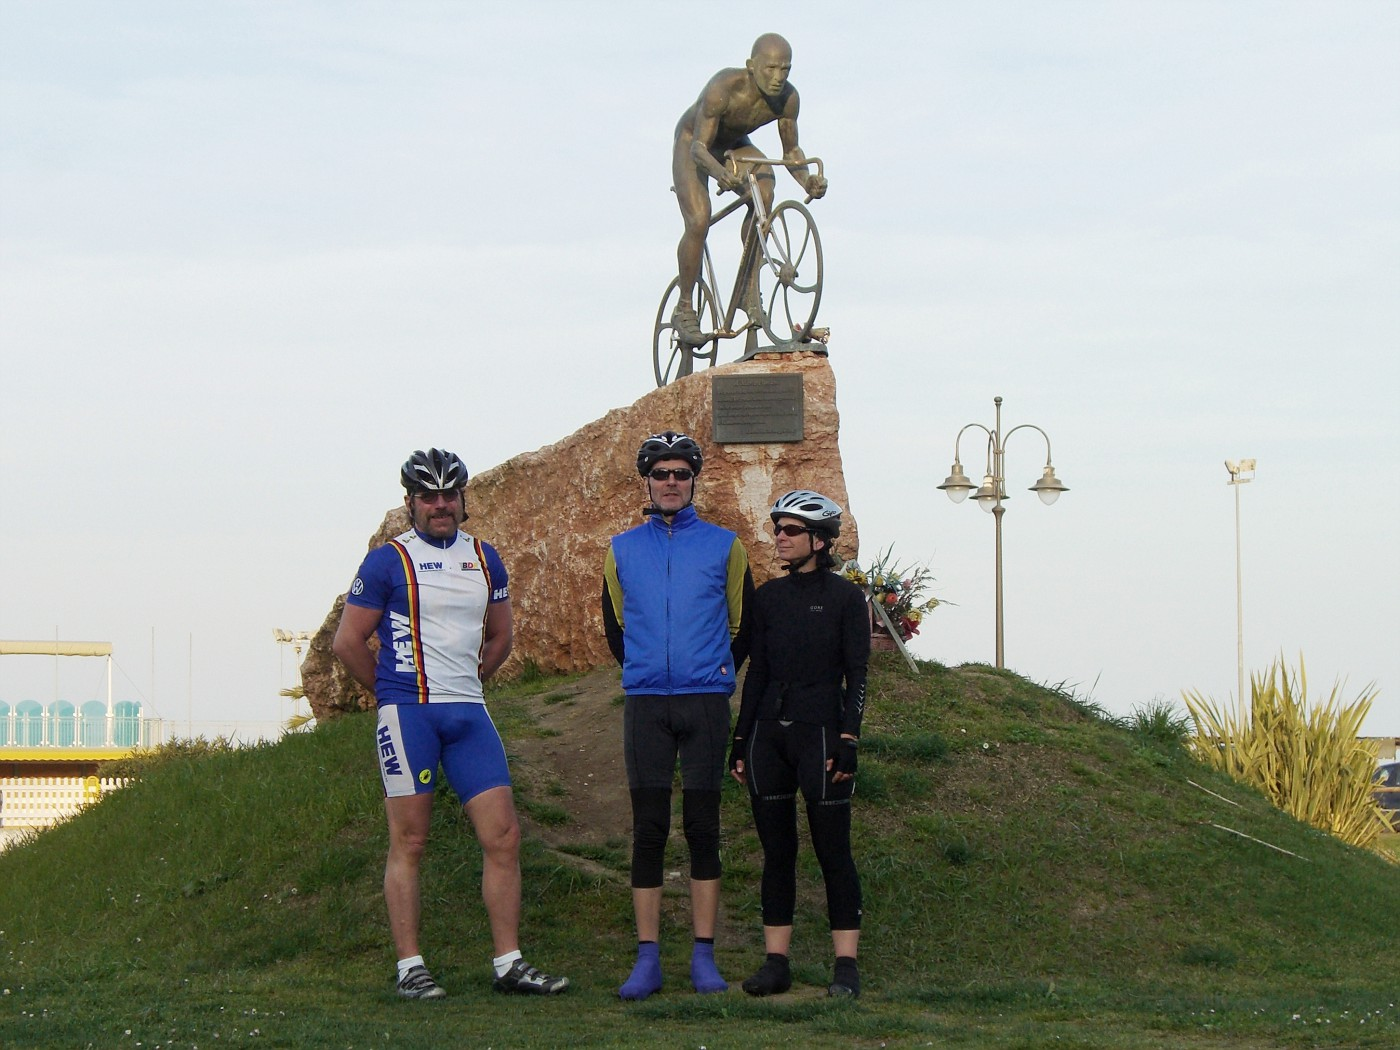 Alla statua di Marco Pantani